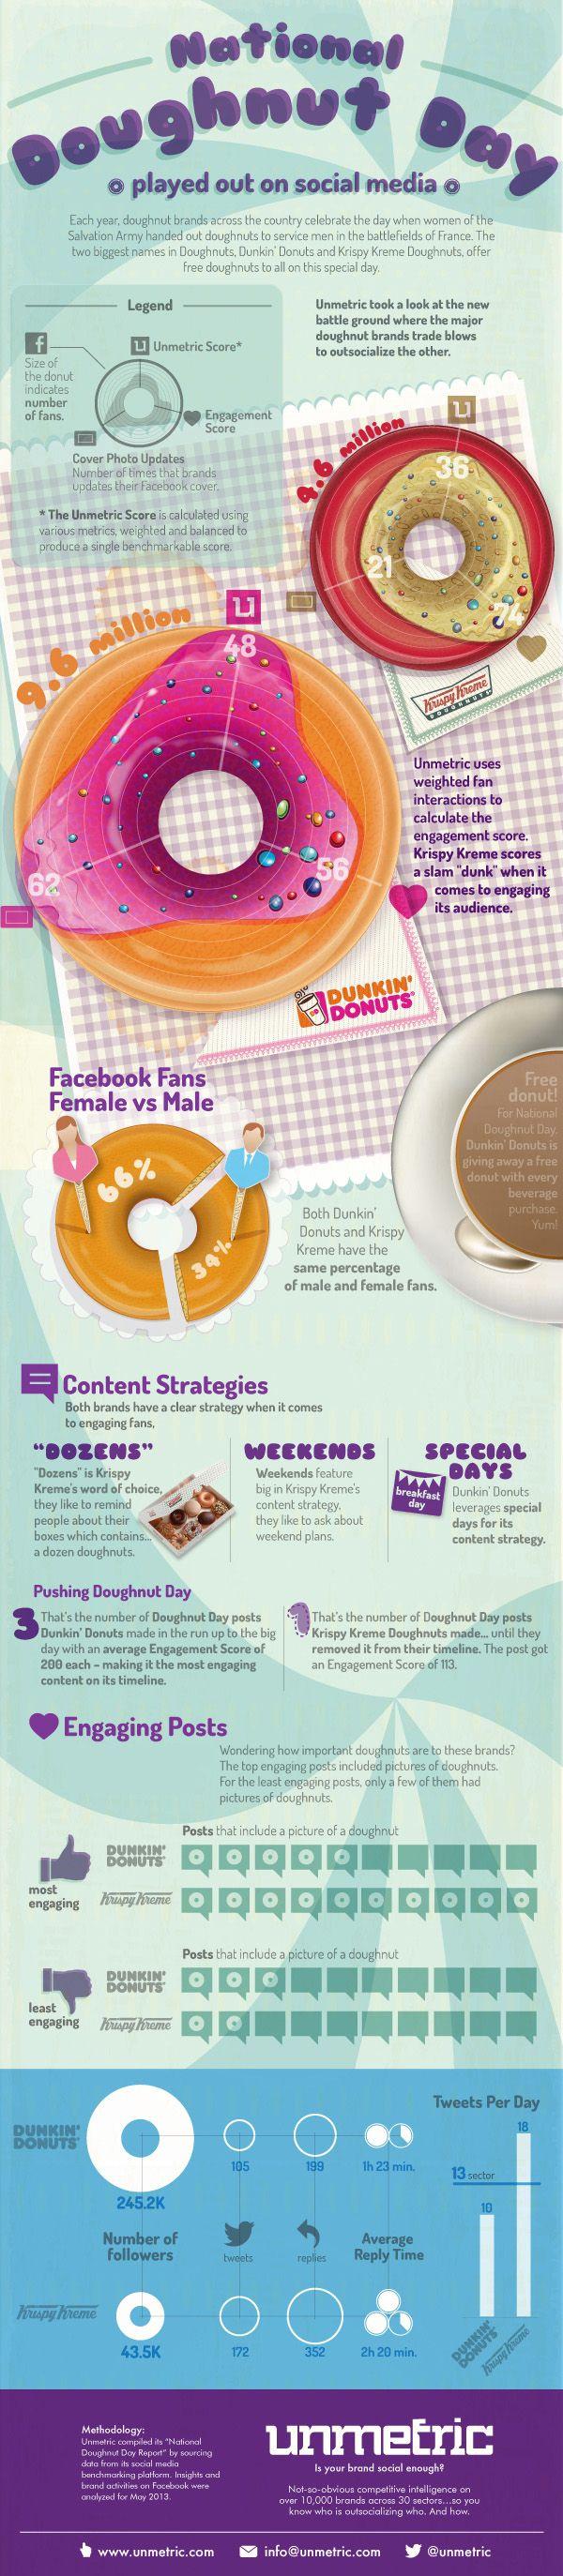 National Doughnut Day Infographic http://allfacebook.com/unmetric-national-doughnut-day-infographic-krispy-kreme-dunkin-donuts_b119494